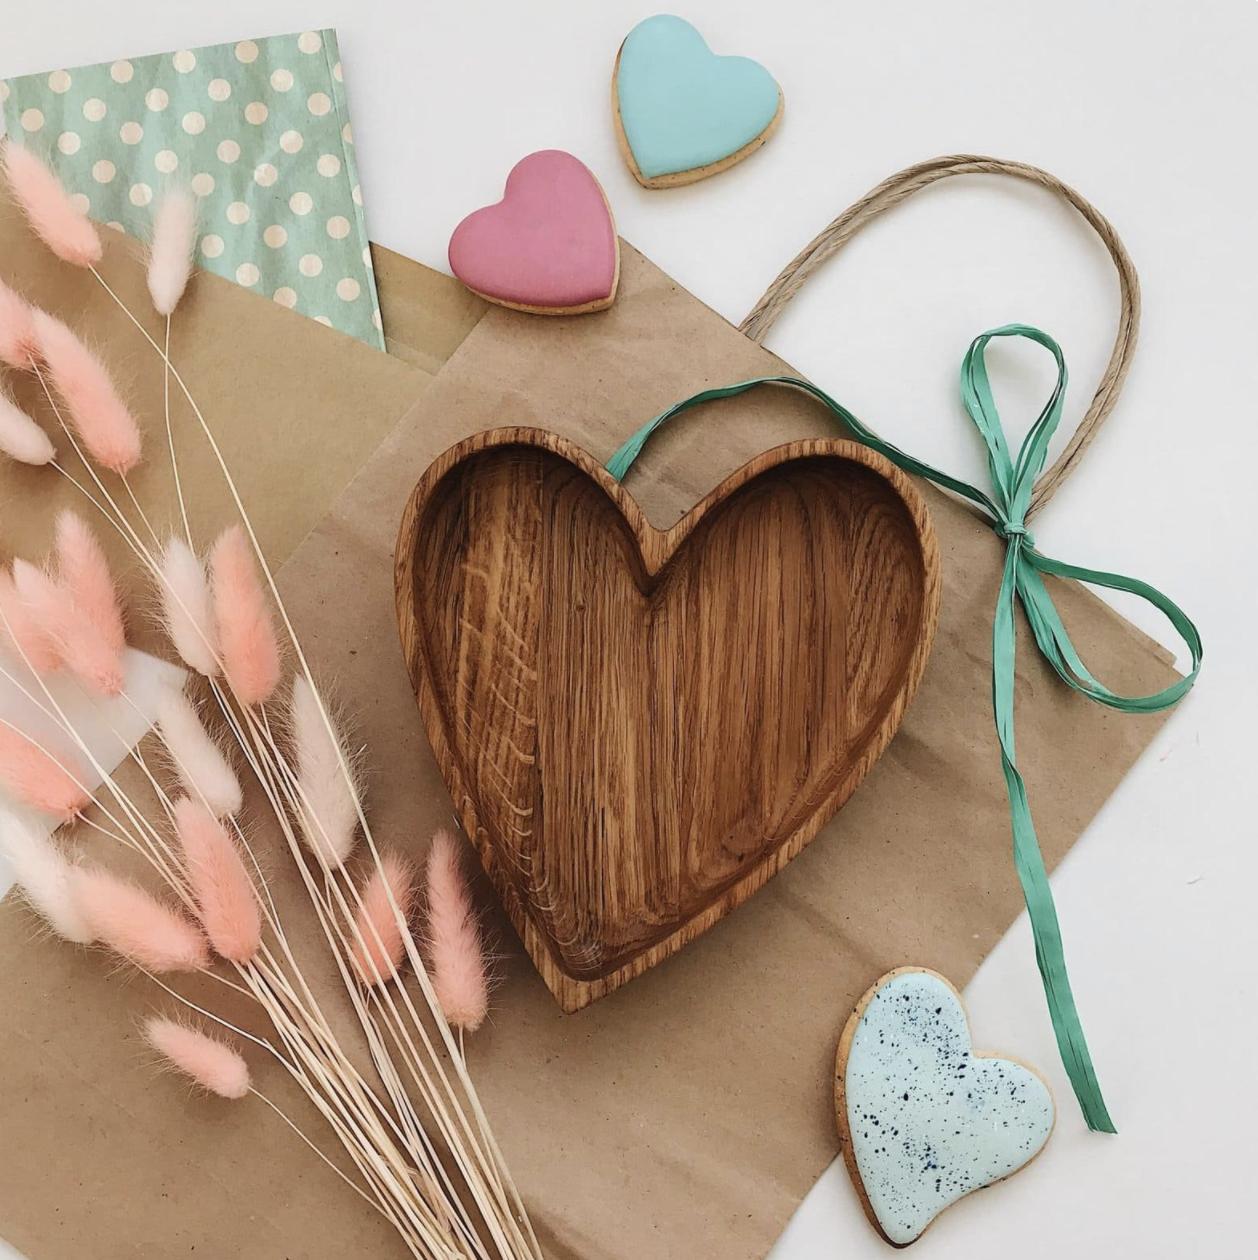 Valentine's Day best gift ideas